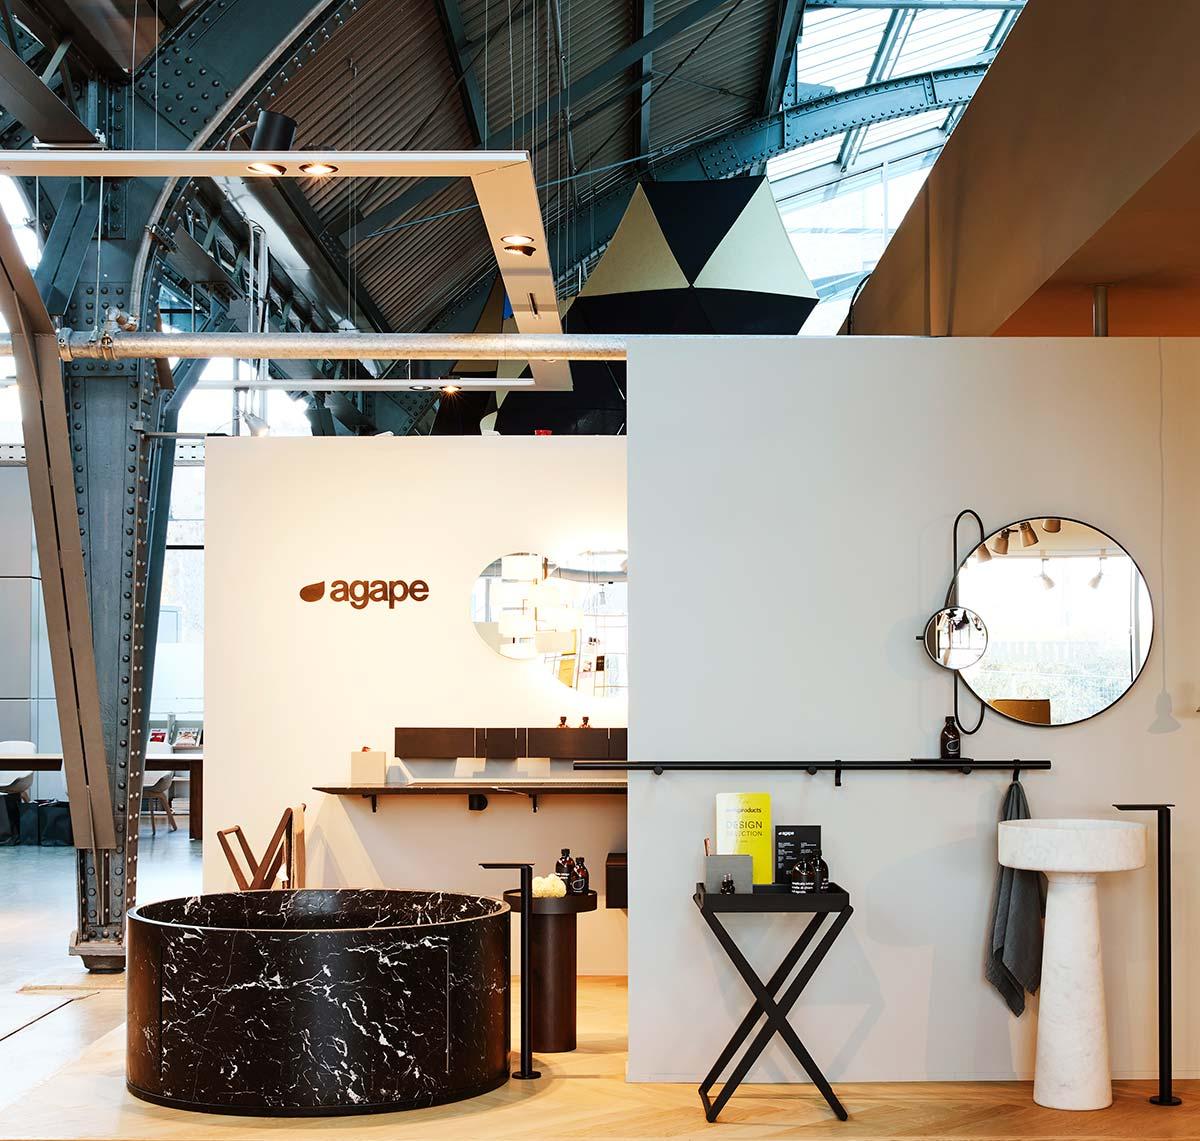 Design Post Koln. Photo © Lucas Hardonk